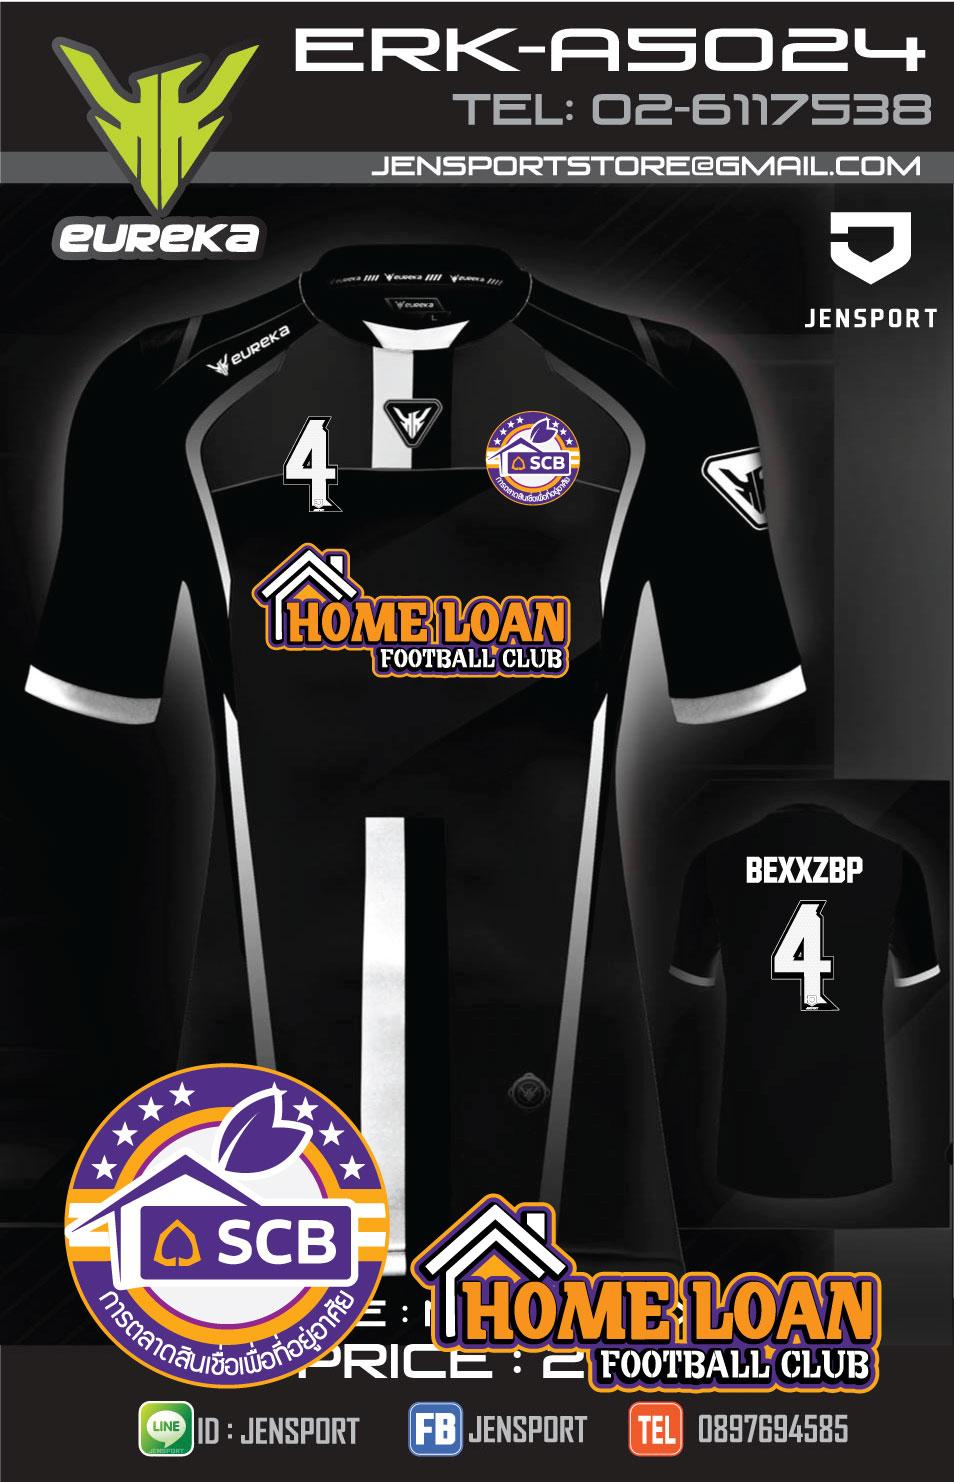 เสื้อฟุตบอล ยูเรก้า รุ่น A5024 กับทีม SCB HOME LOAN สินเชื่อบ้านไทยพาณิชย์ ปี 2017